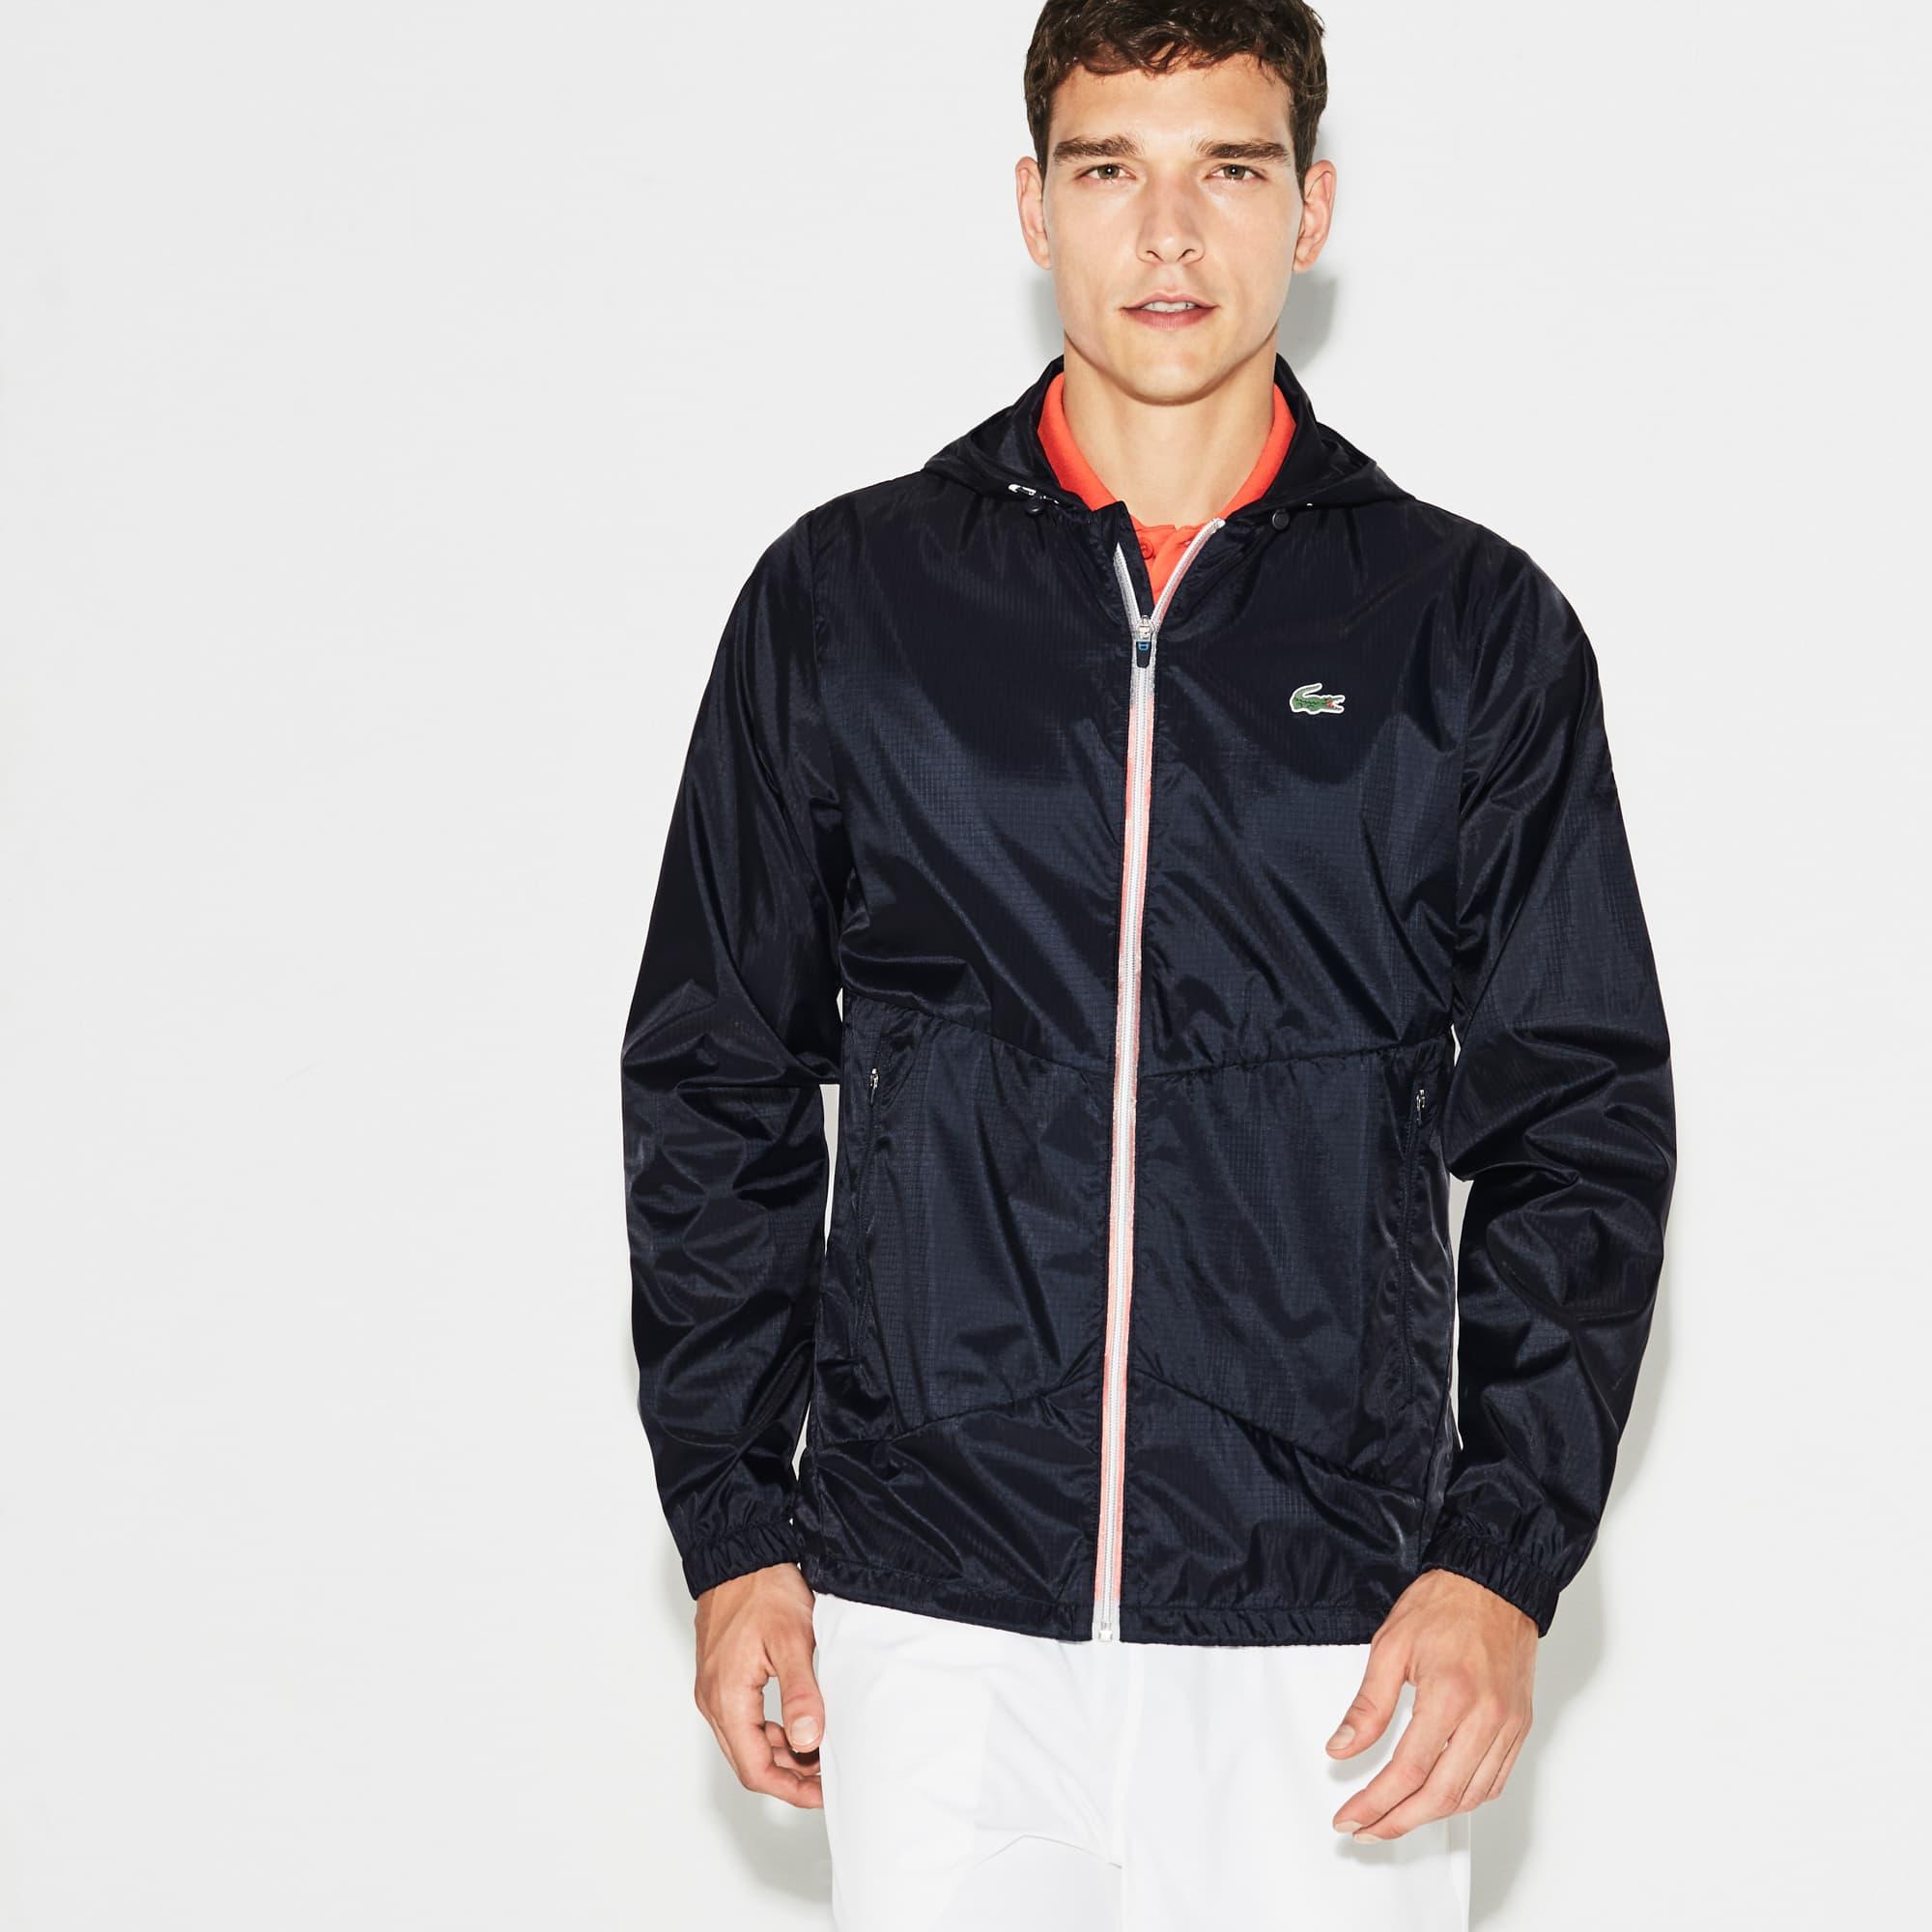 Giacca Lacoste Collezione per Novak Djokovic - Edizione Terra Rossa Esclusiva